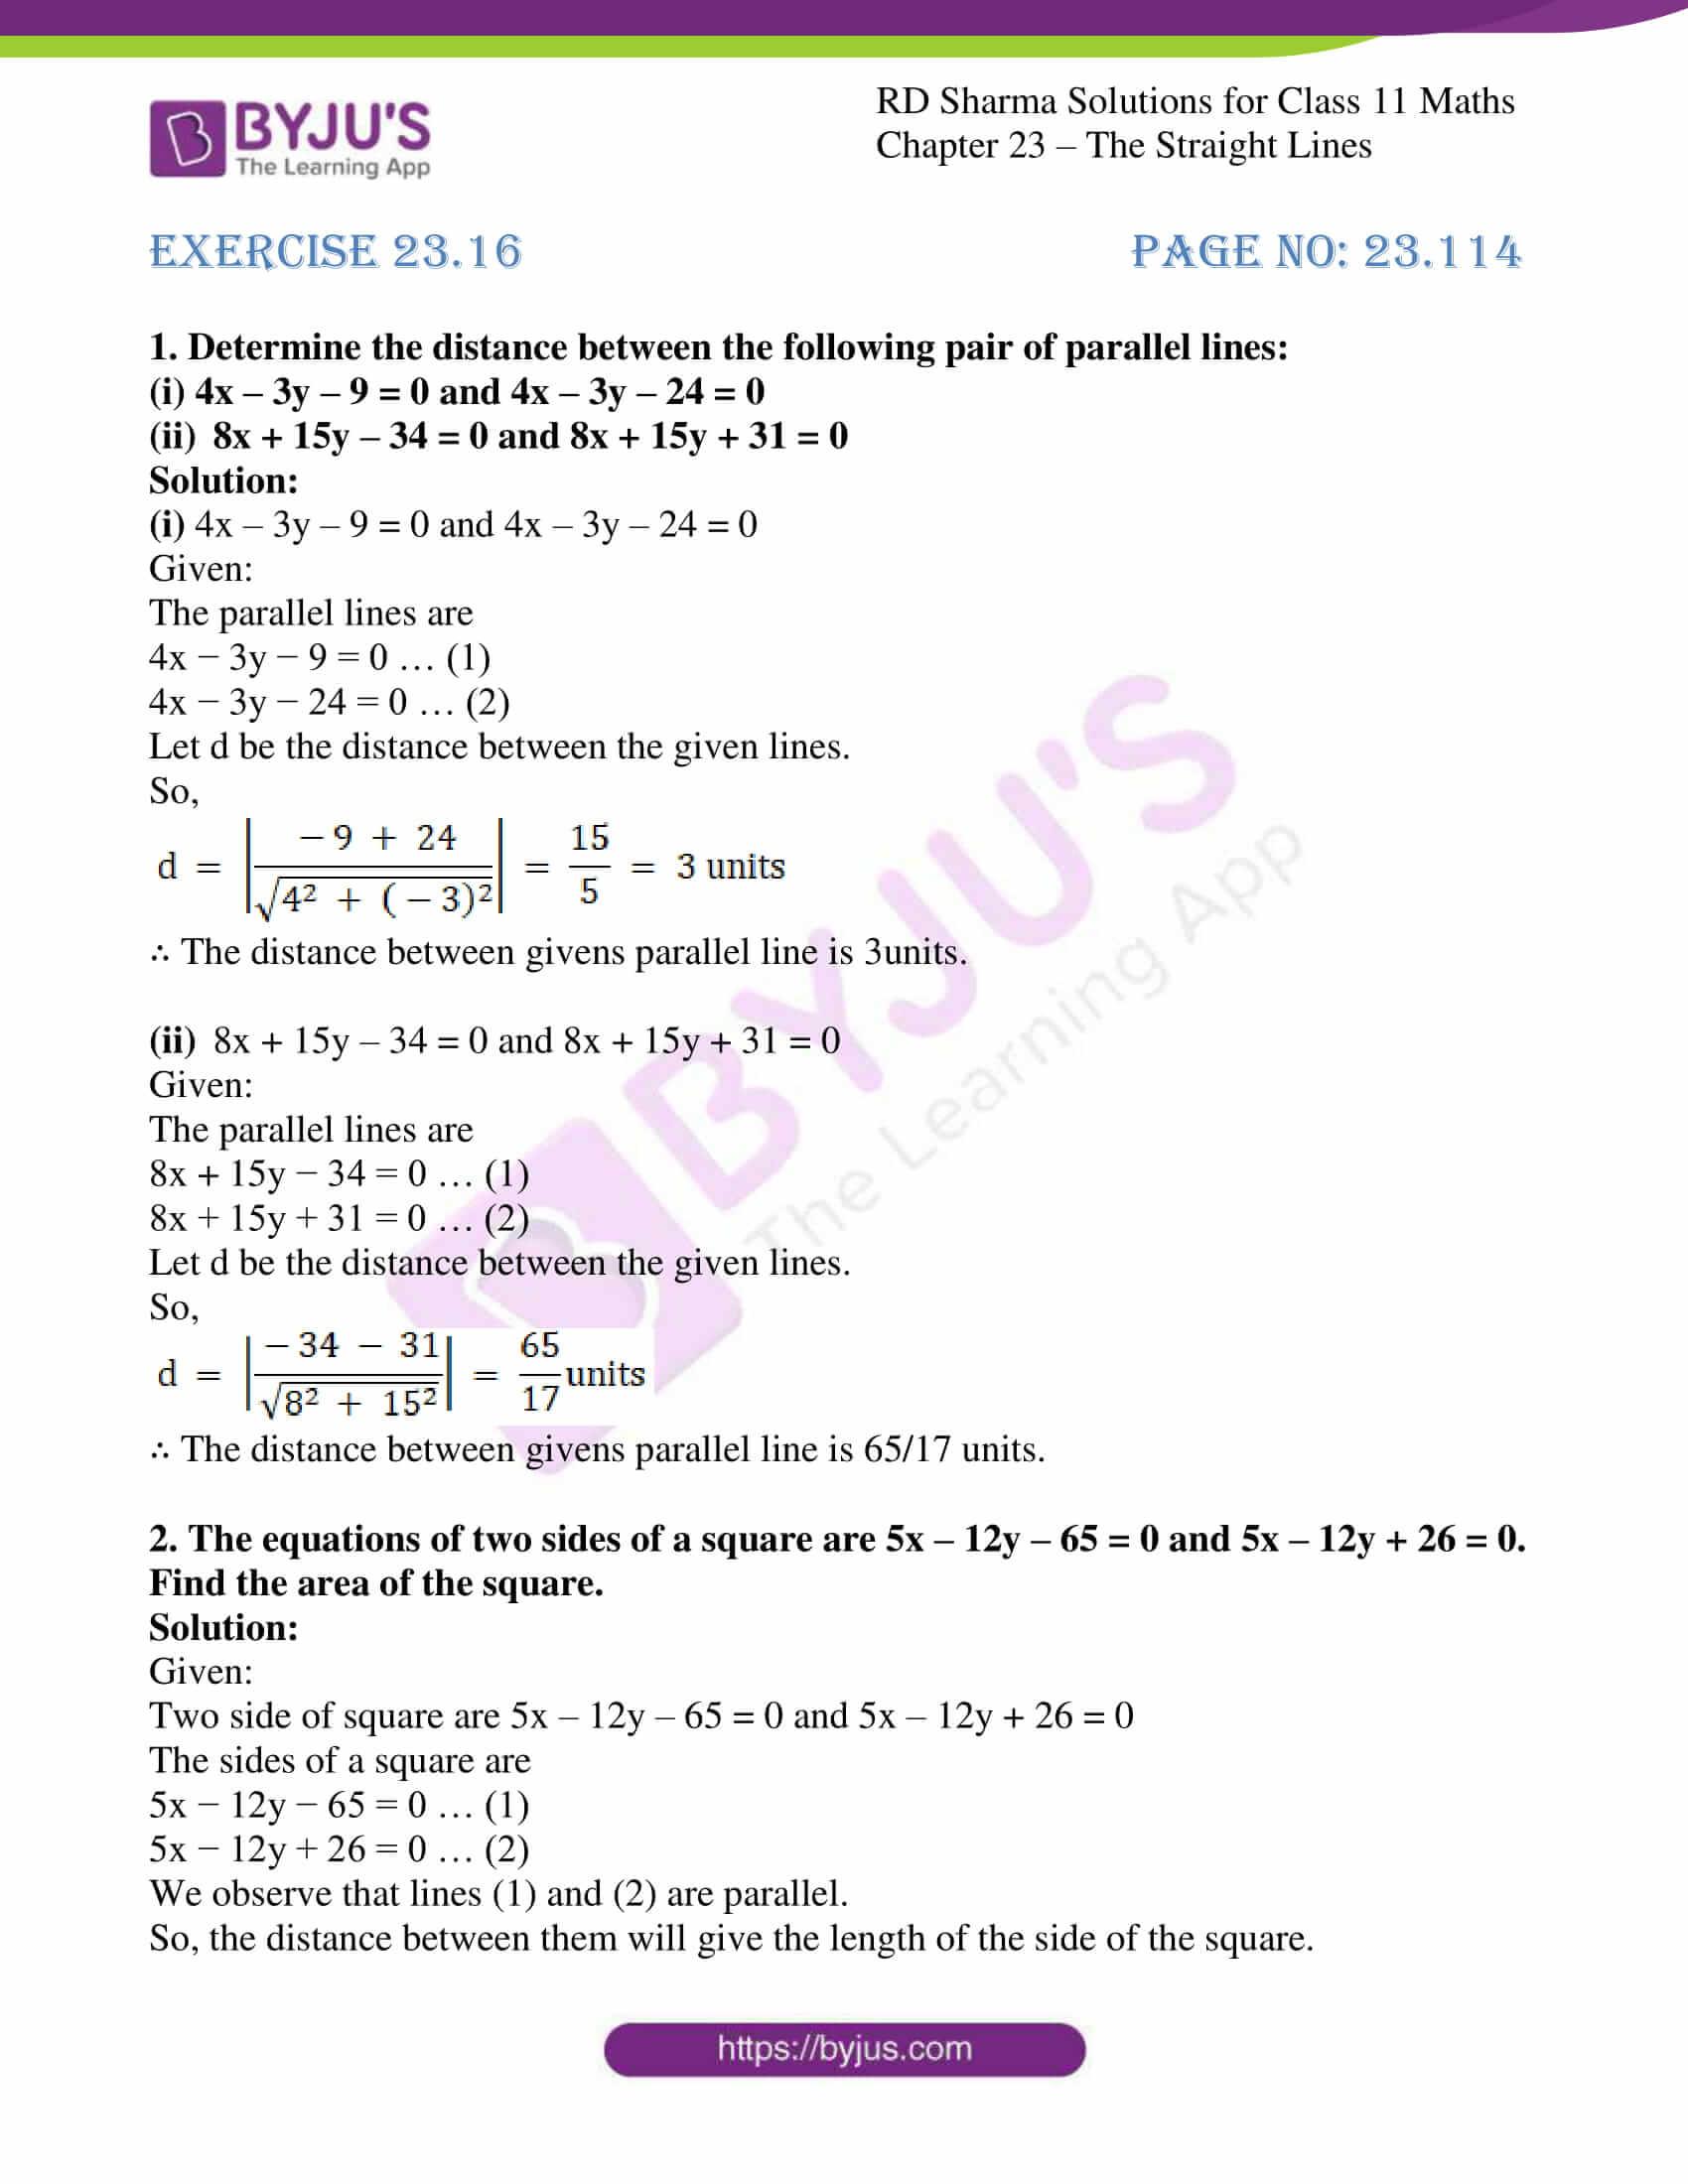 rd sharma class 11 maths chapter 23 ex 16 1